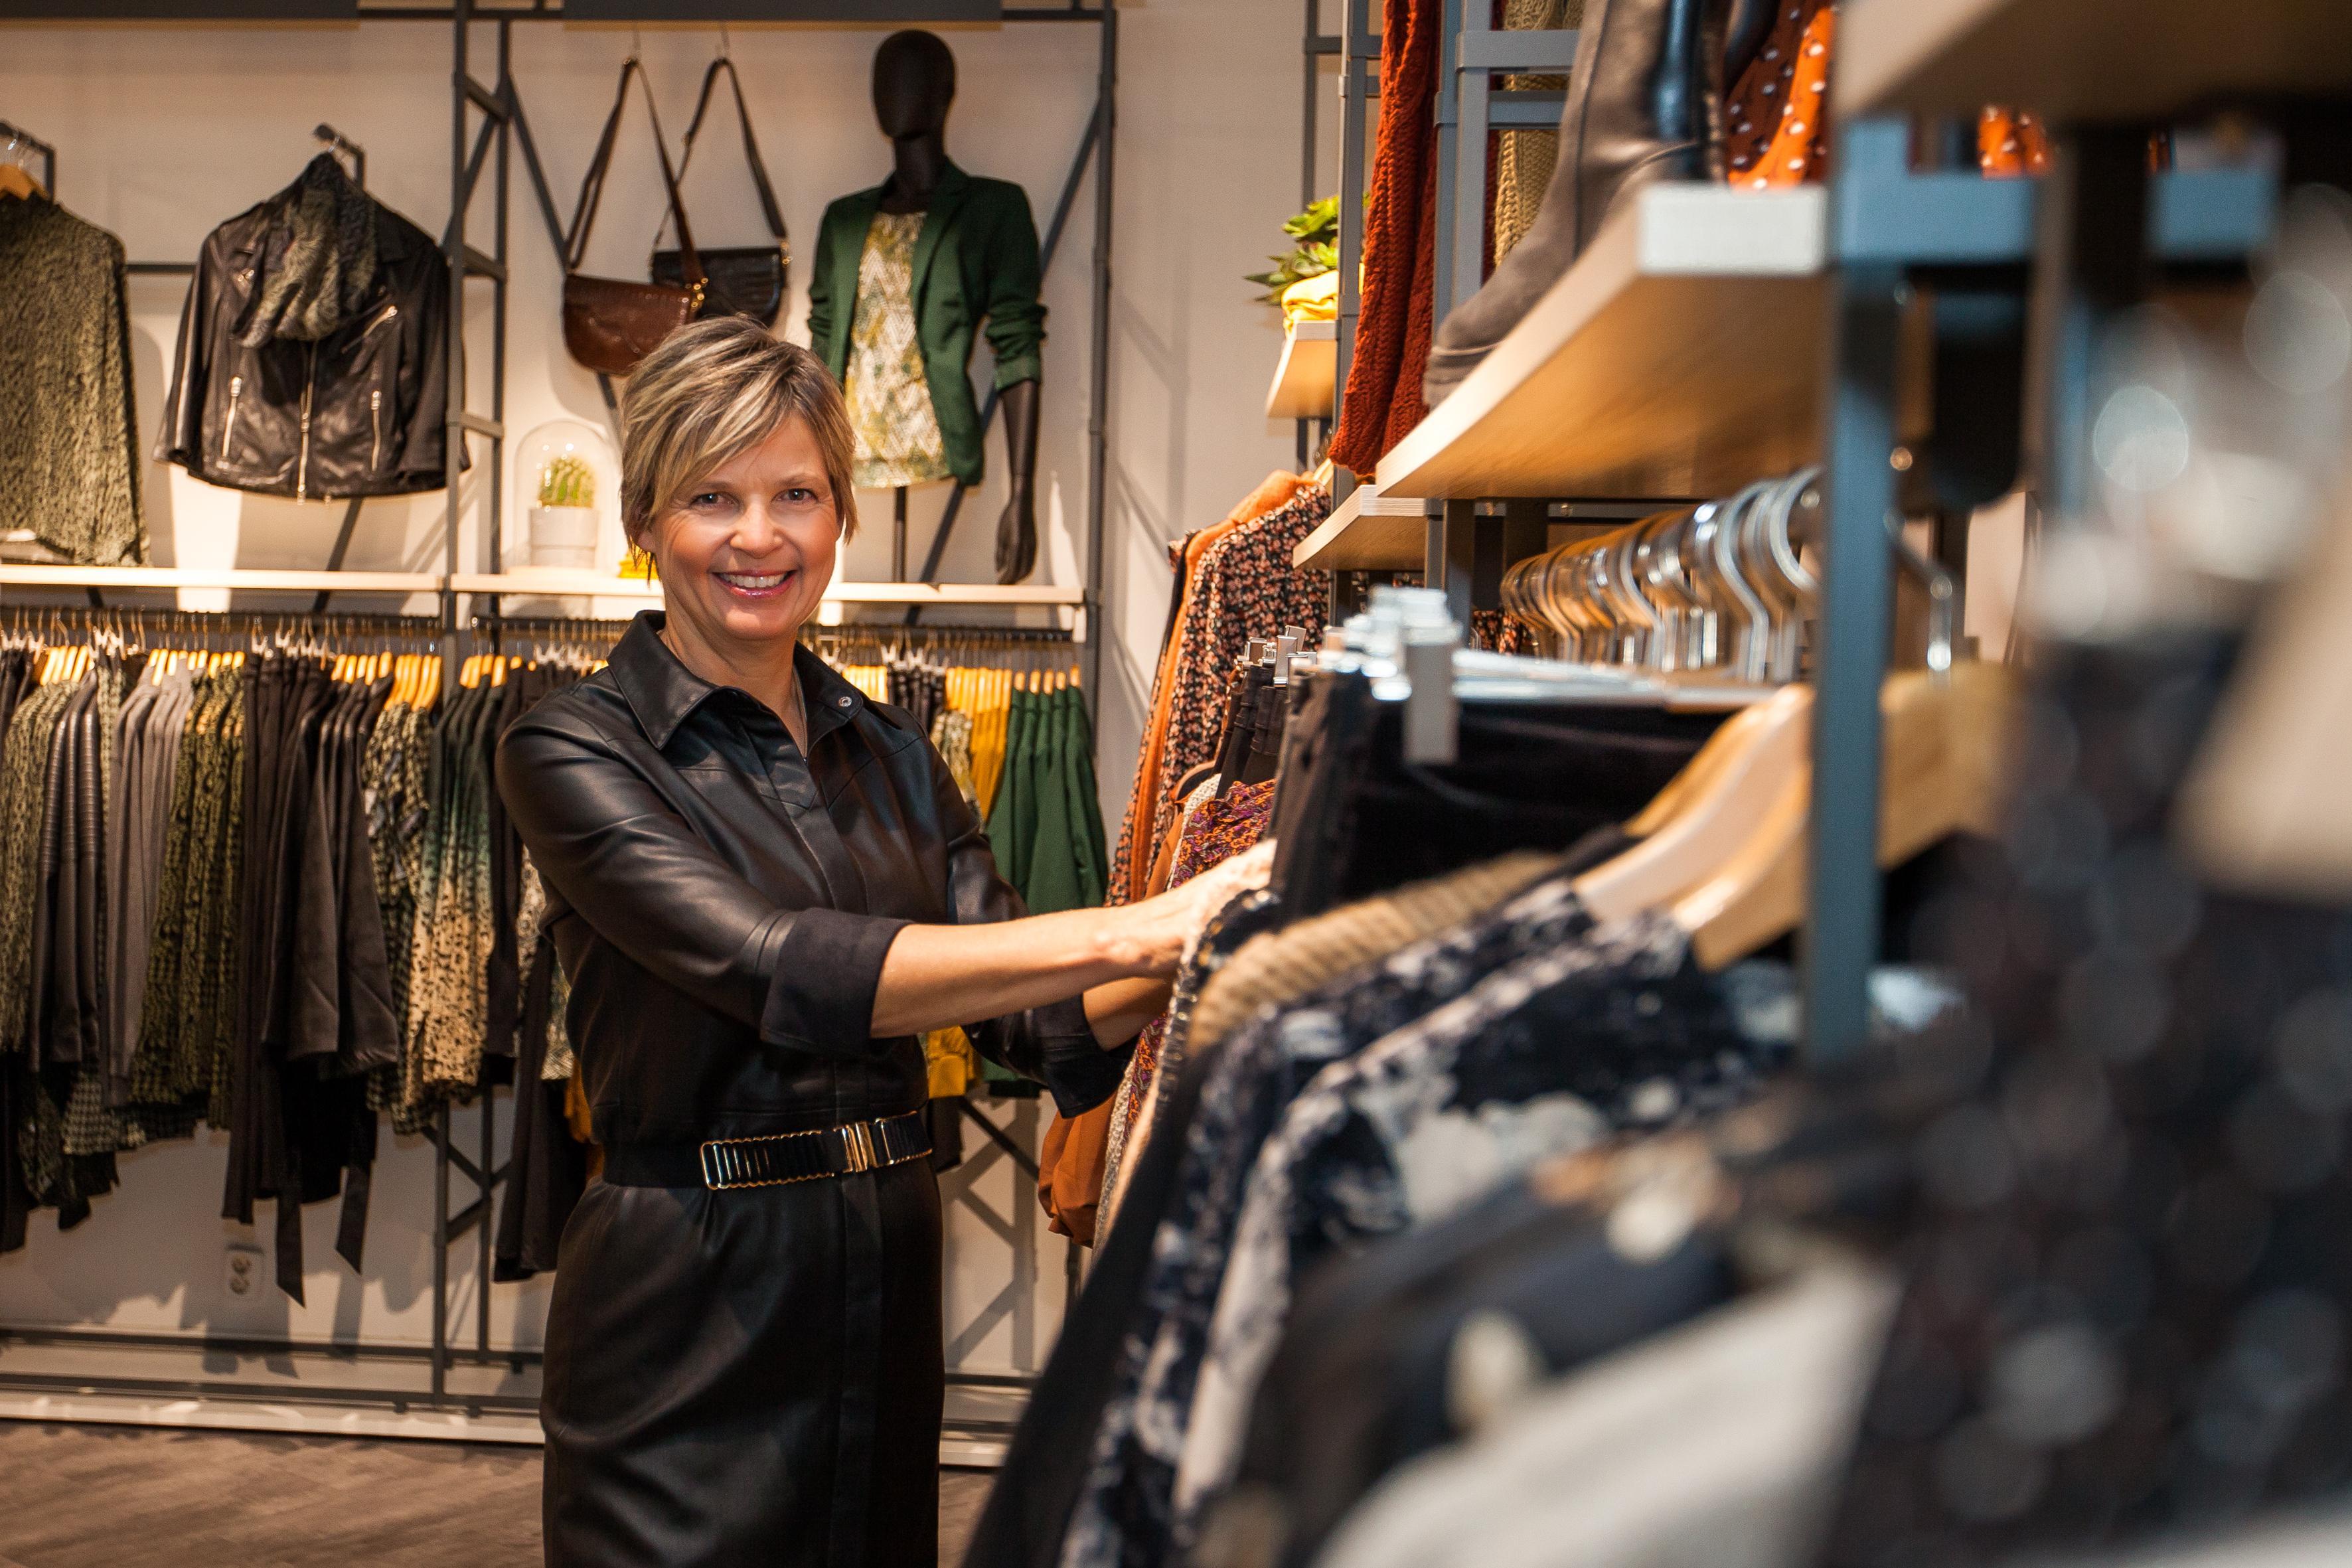 Kapitaal aan onverkoopbare kleding in de winkel, Ellen Brantjes hoopt in januari winkels weer te mogen openen